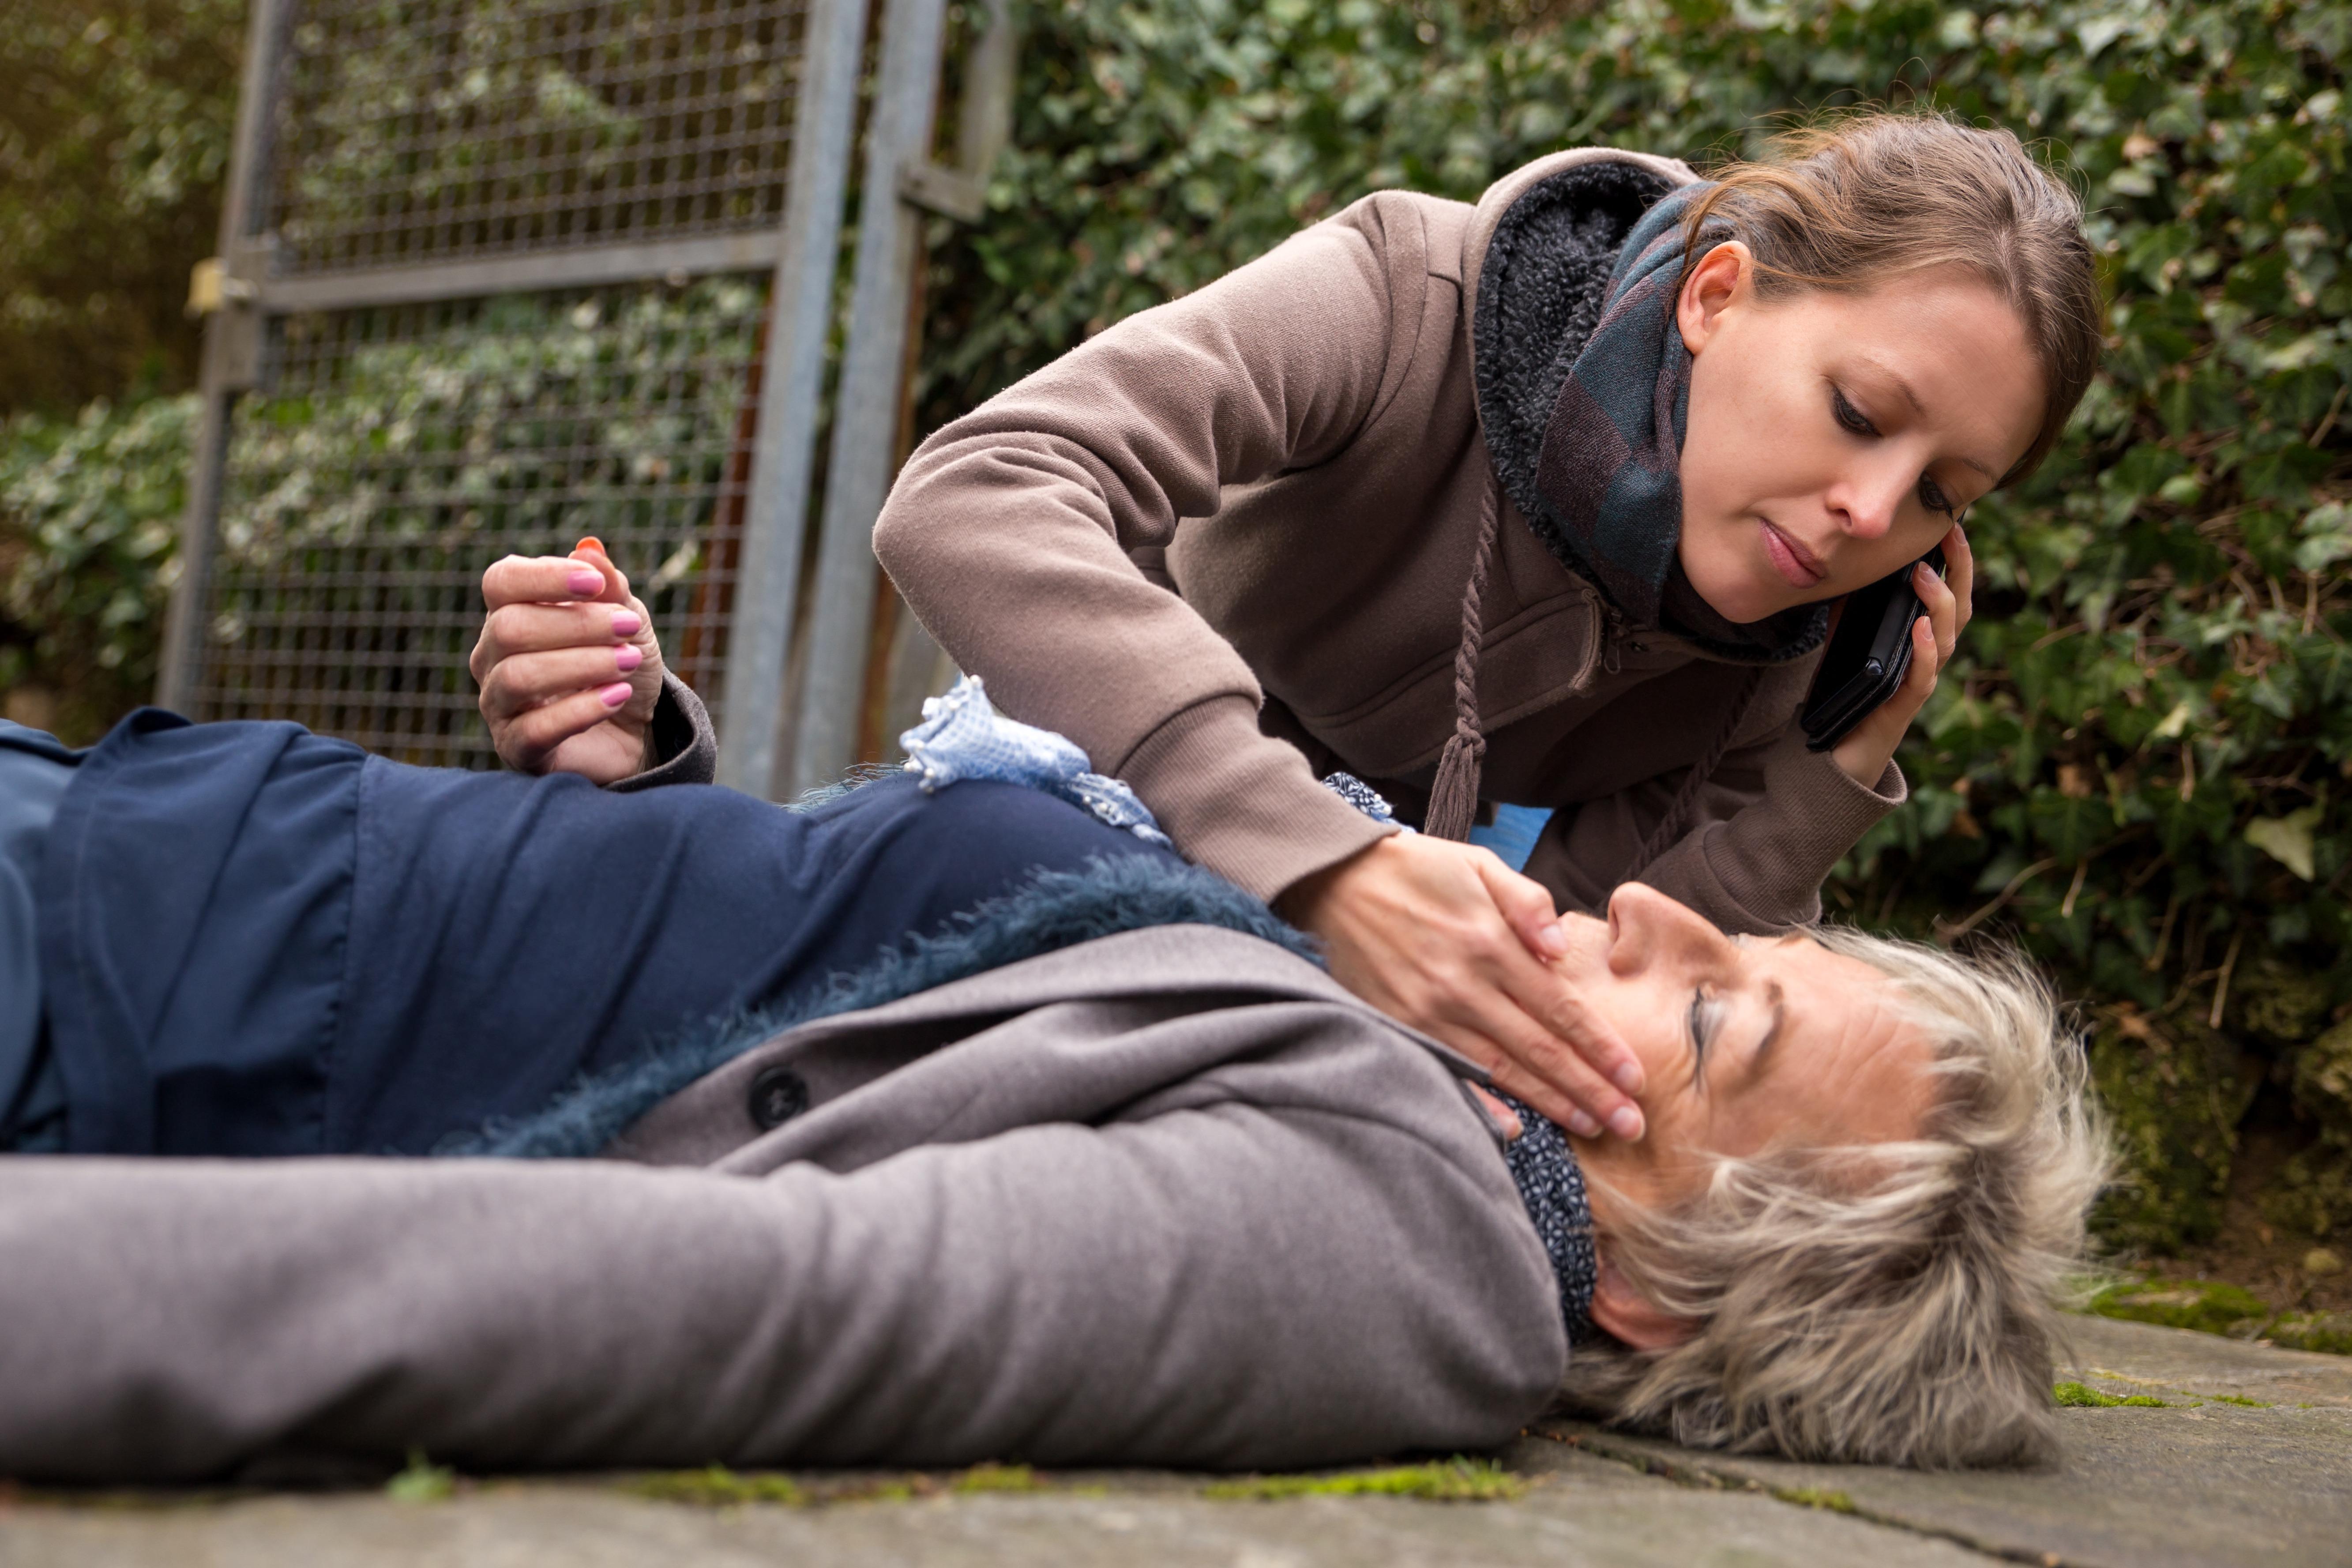 Mladá žena volá záchranku a kontroluje životné funkcie staršej žene ležiacej na zemi v bezvedomí